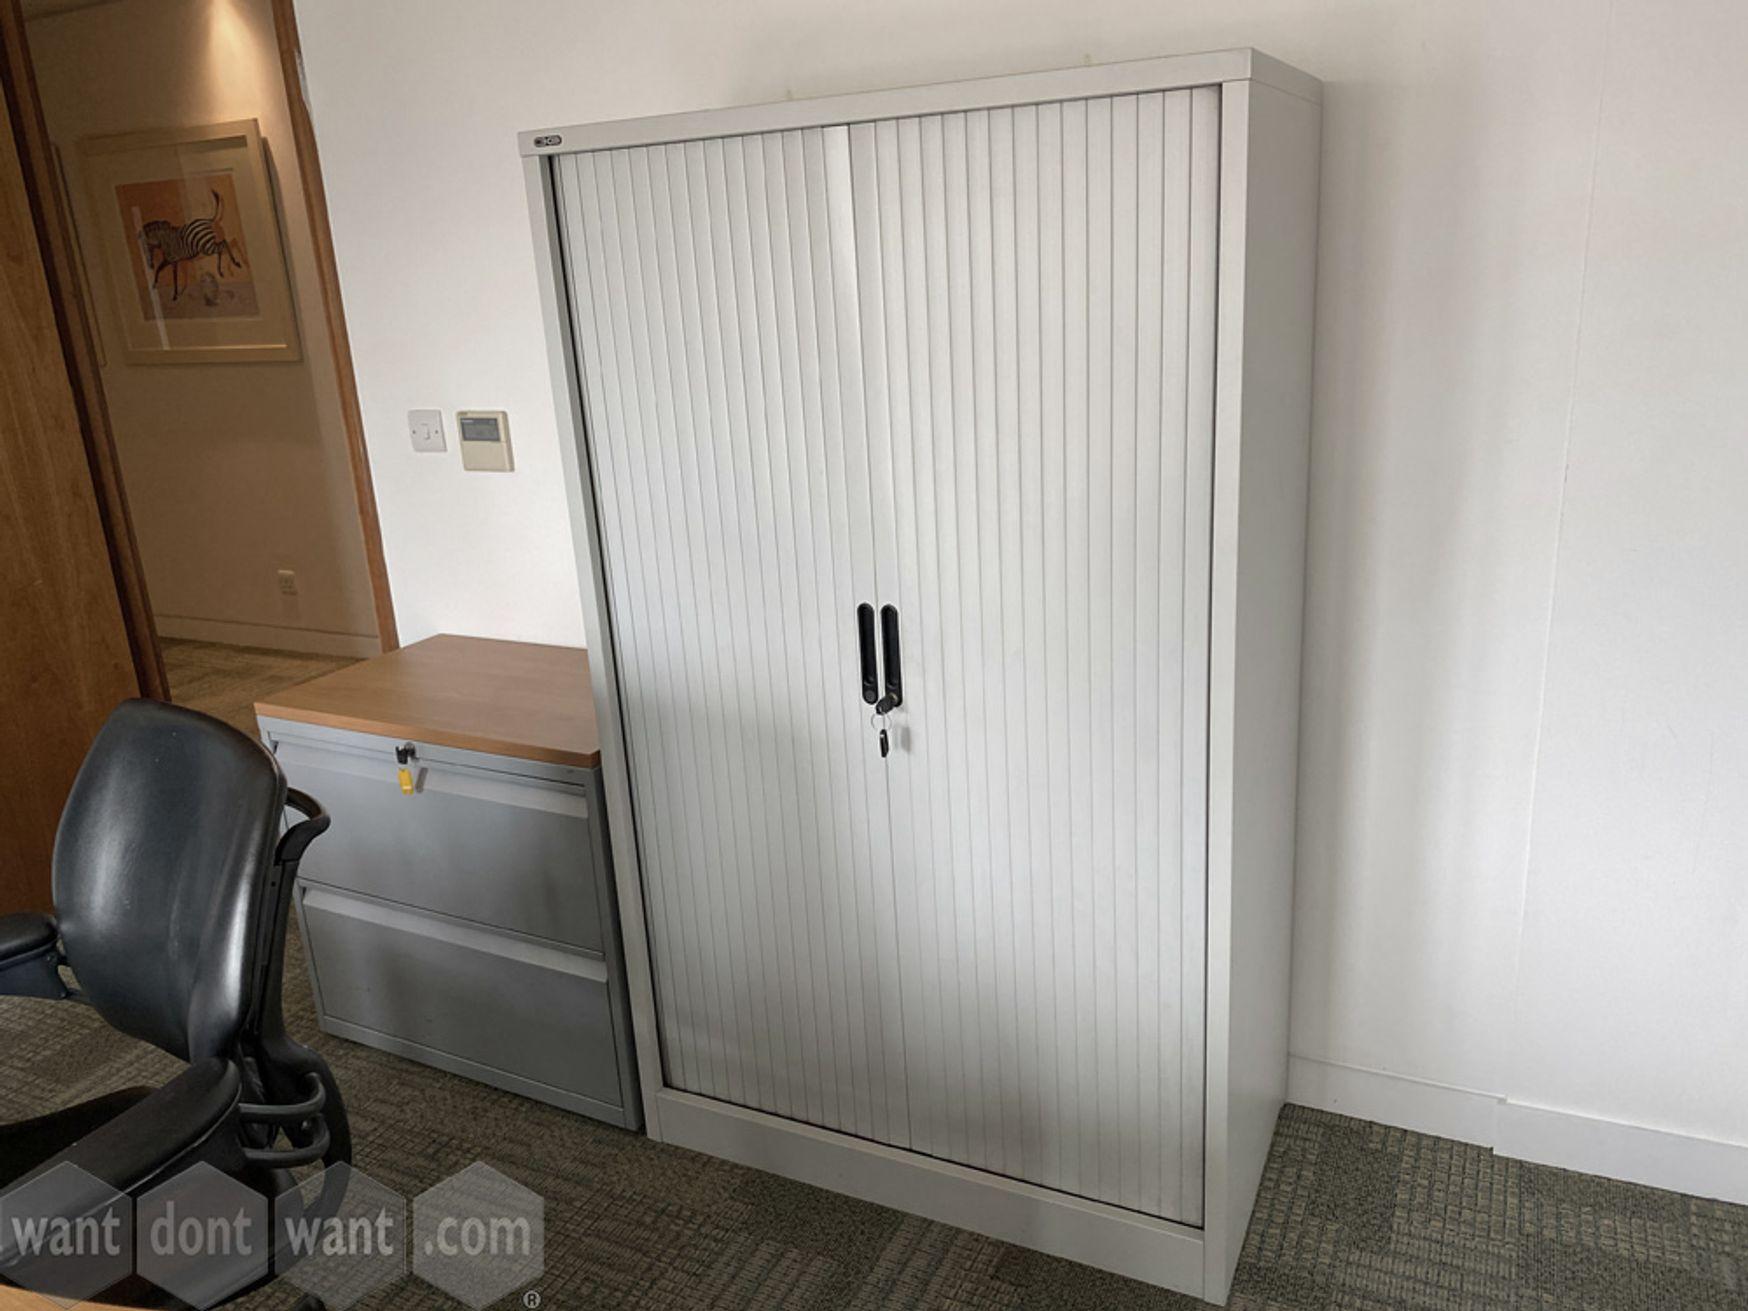 Used grey metal side tambour-door cupboard with shelves